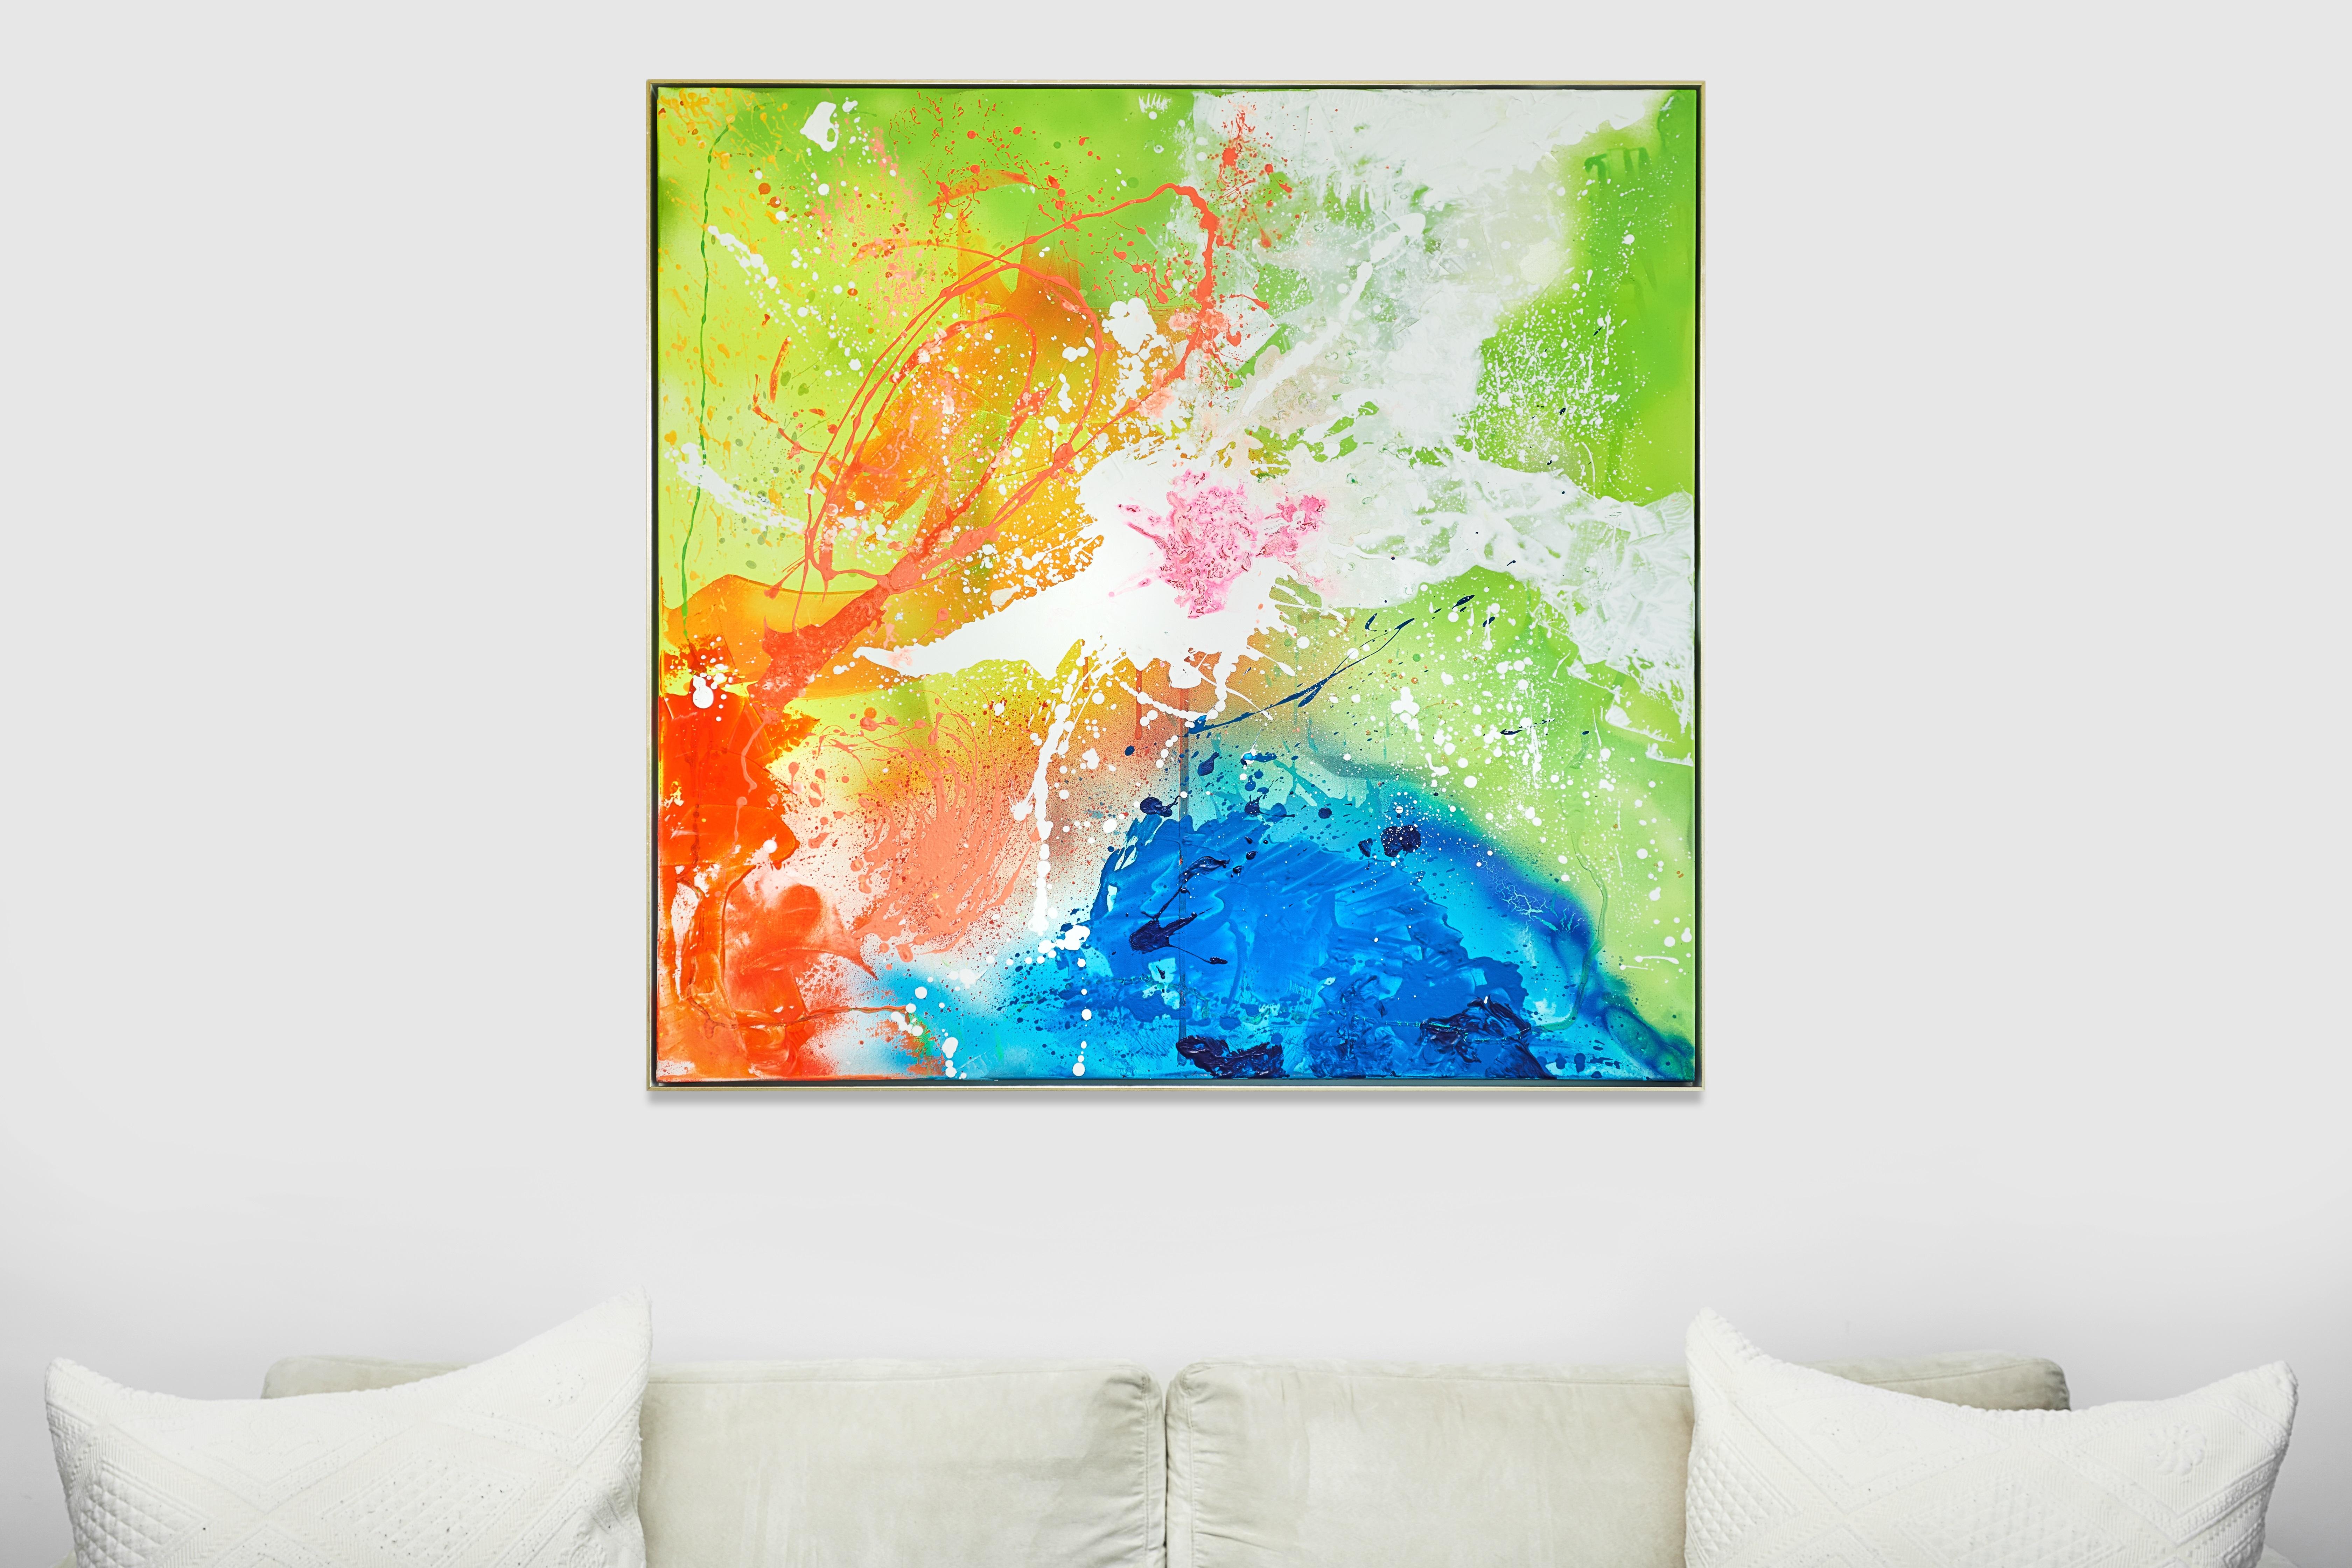 SoulArtist Kunst Design Markendesign Interior Inneneinrichtung Kunstwerk Acrylmalerei